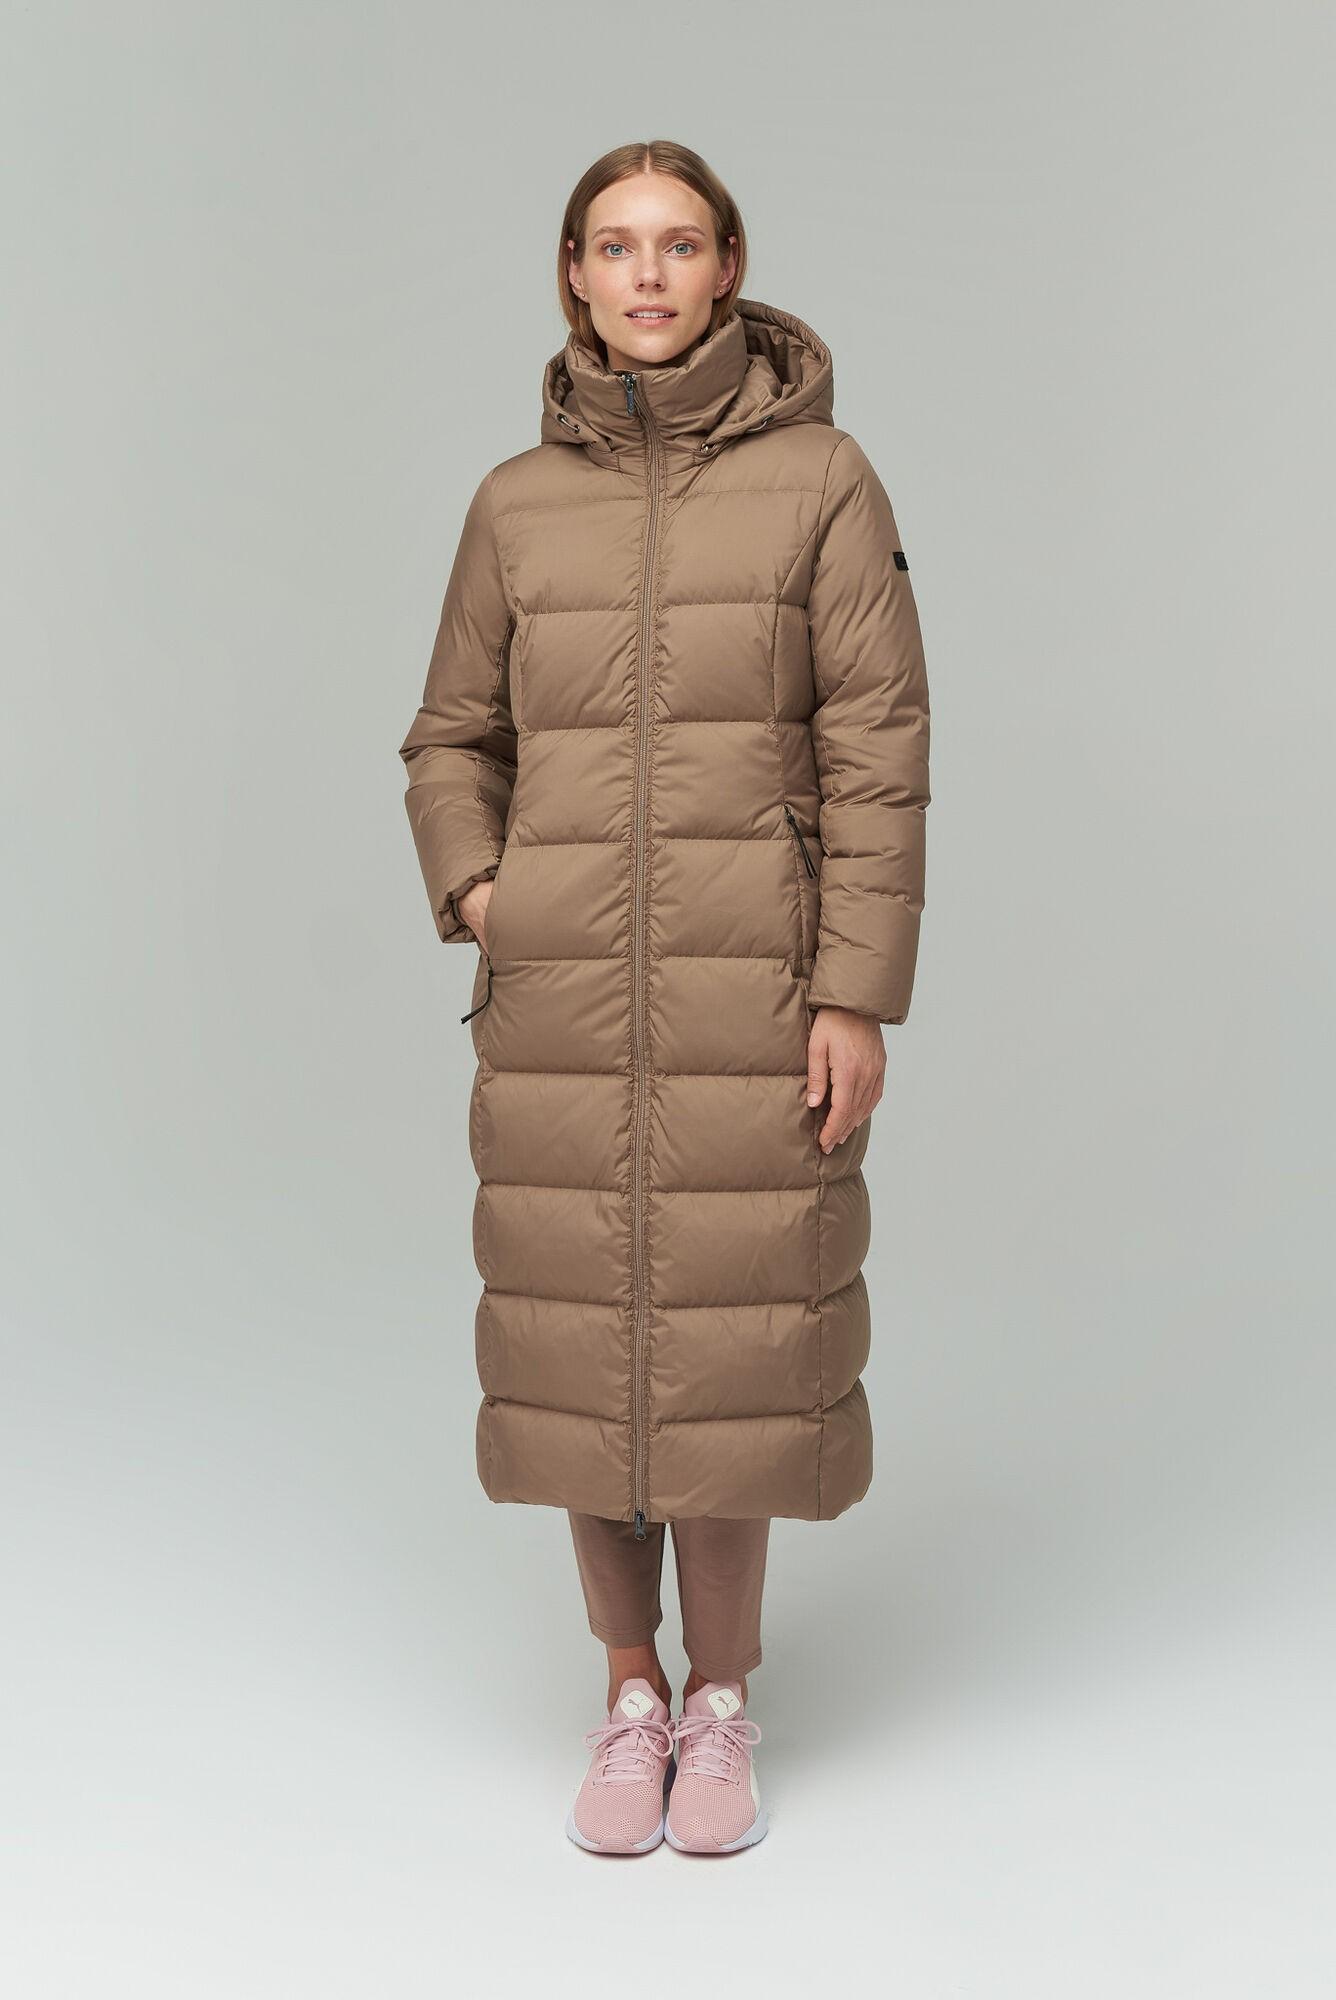 AUDIMAS Ilgas pūkinis paltas 2021-157 Pine Bark S